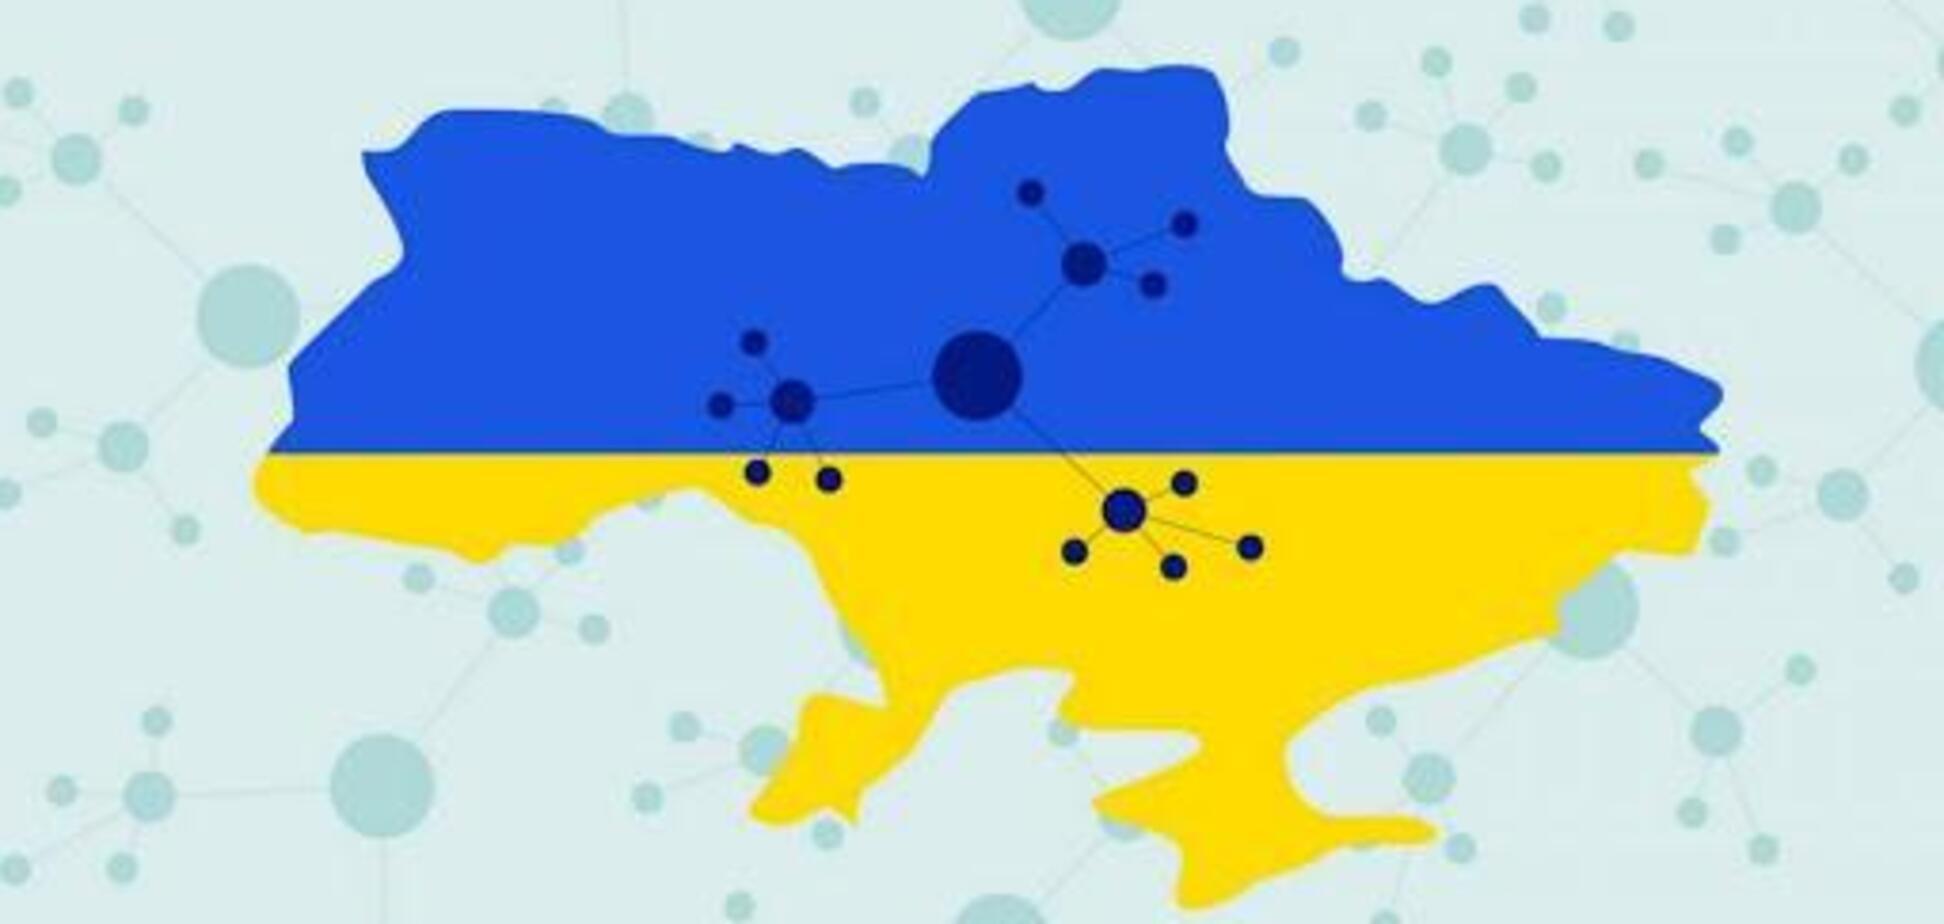 Децентралізація за схемами правнуків Кагановича